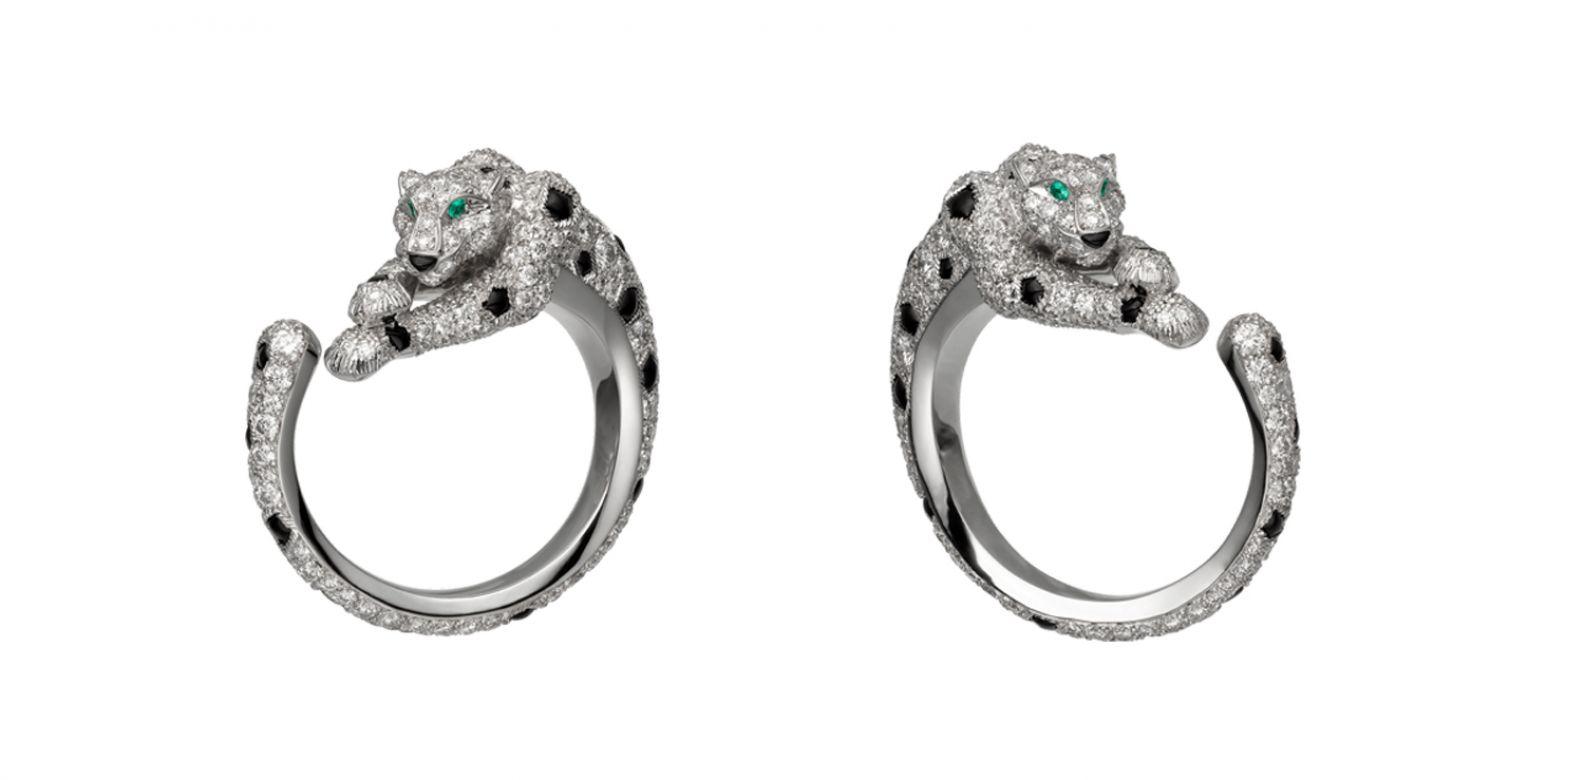 美洲豹 Panthère Lovée 系列耳環。(圖片提供/Cartier)